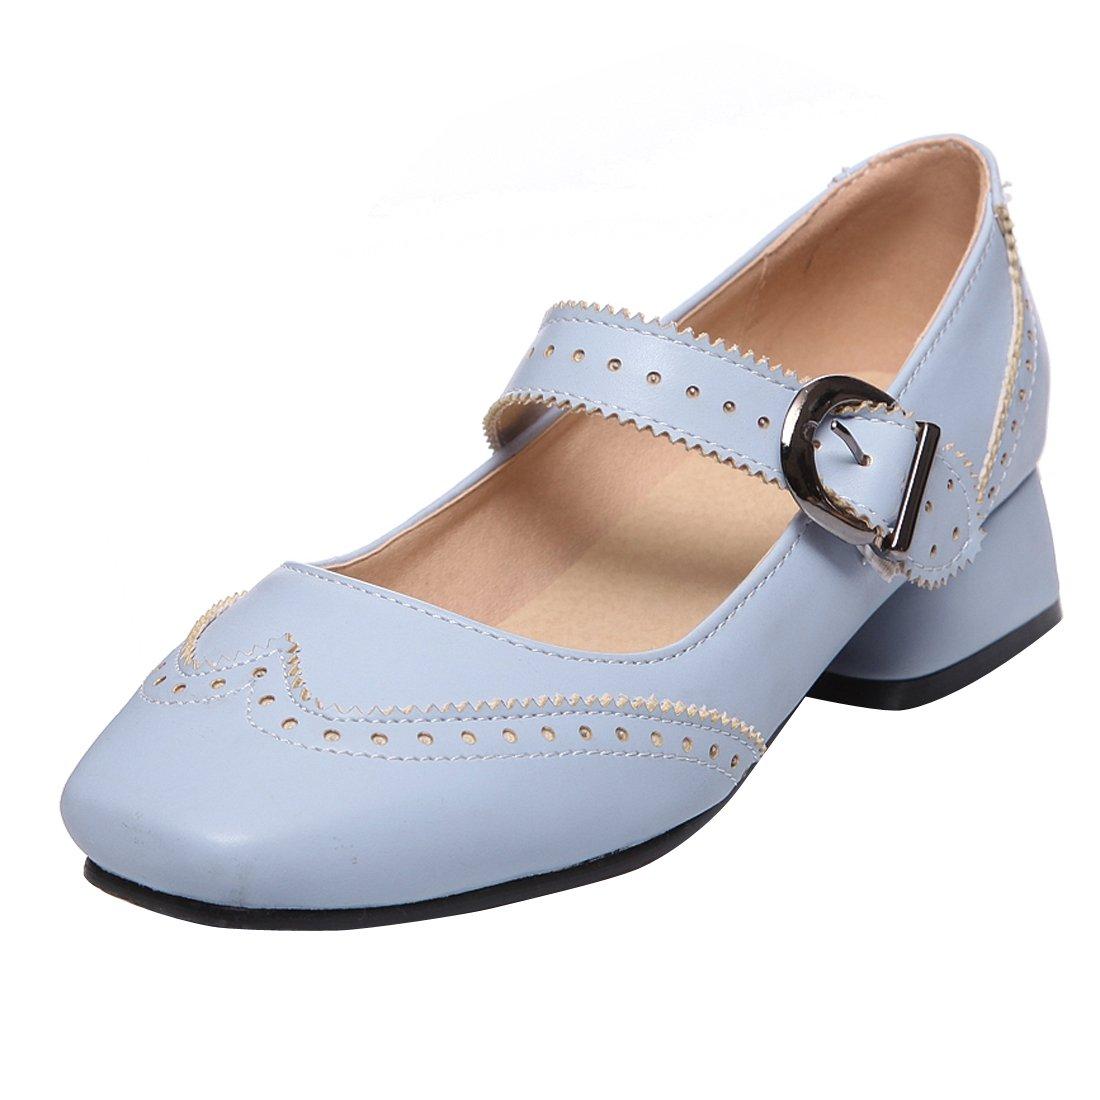 YE Damen Mary Janes Pumps Blockabsatz High Heels mit Riemchen Elegant Bequem Schuhe  39 EU|Blau